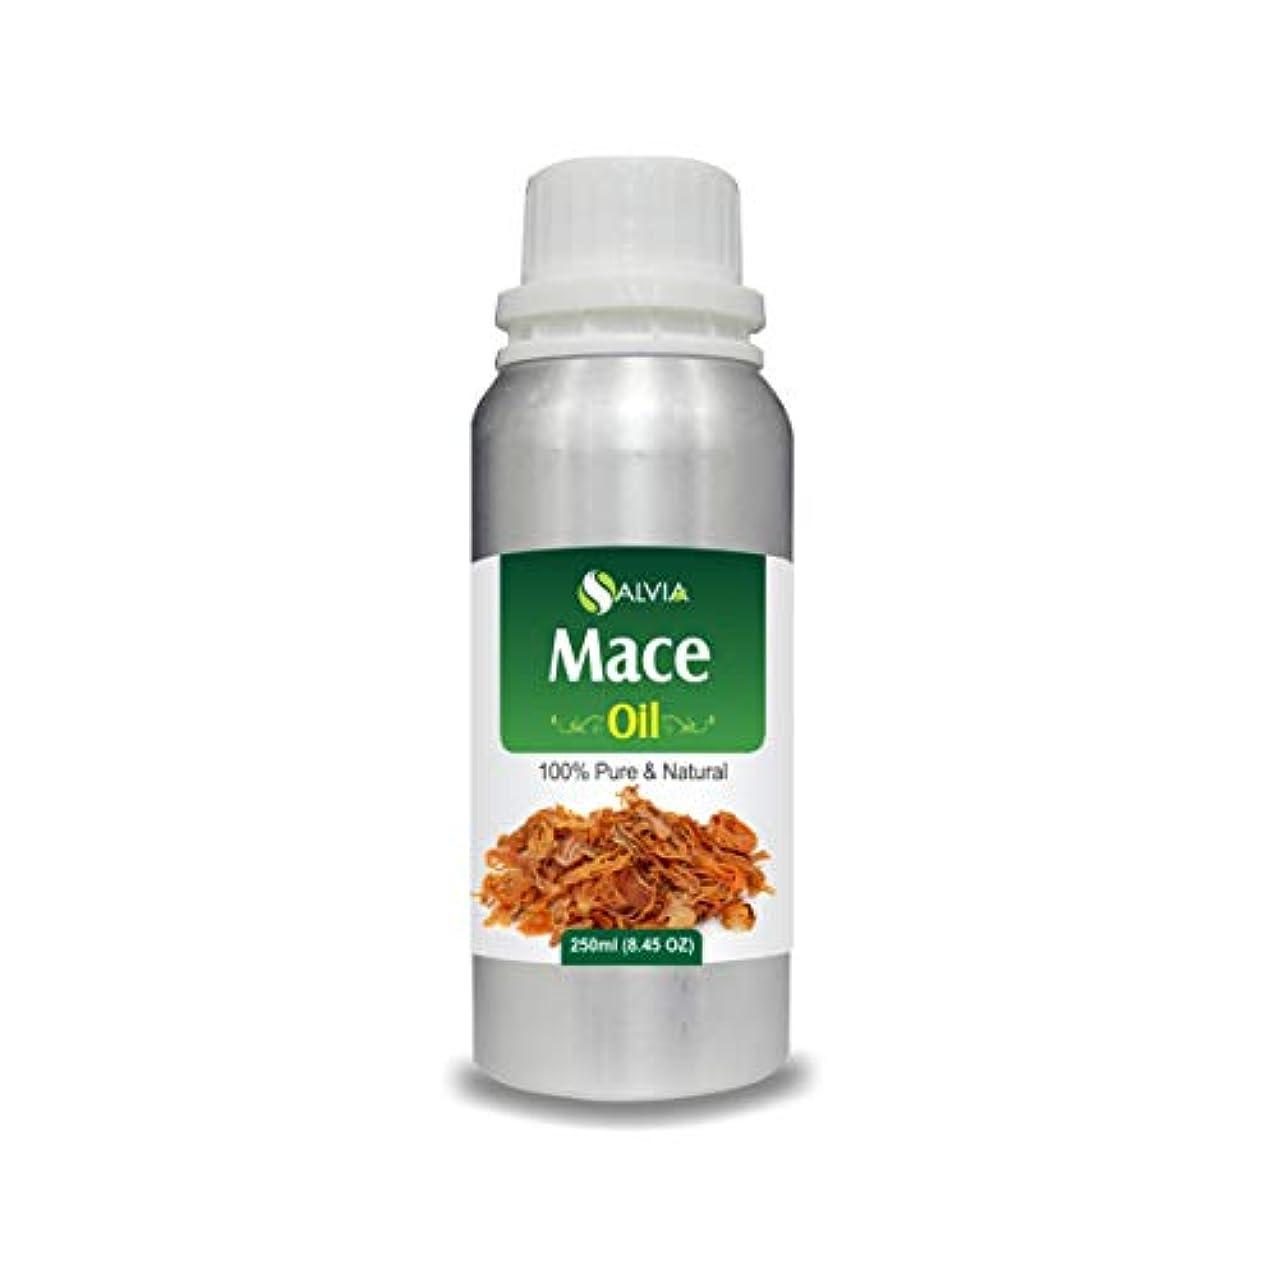 間違っている刺激するラジエーターMace Oil (Myristica fragrans) 100% Natural Pure Undiluted Uncut Essential Oil 250ml